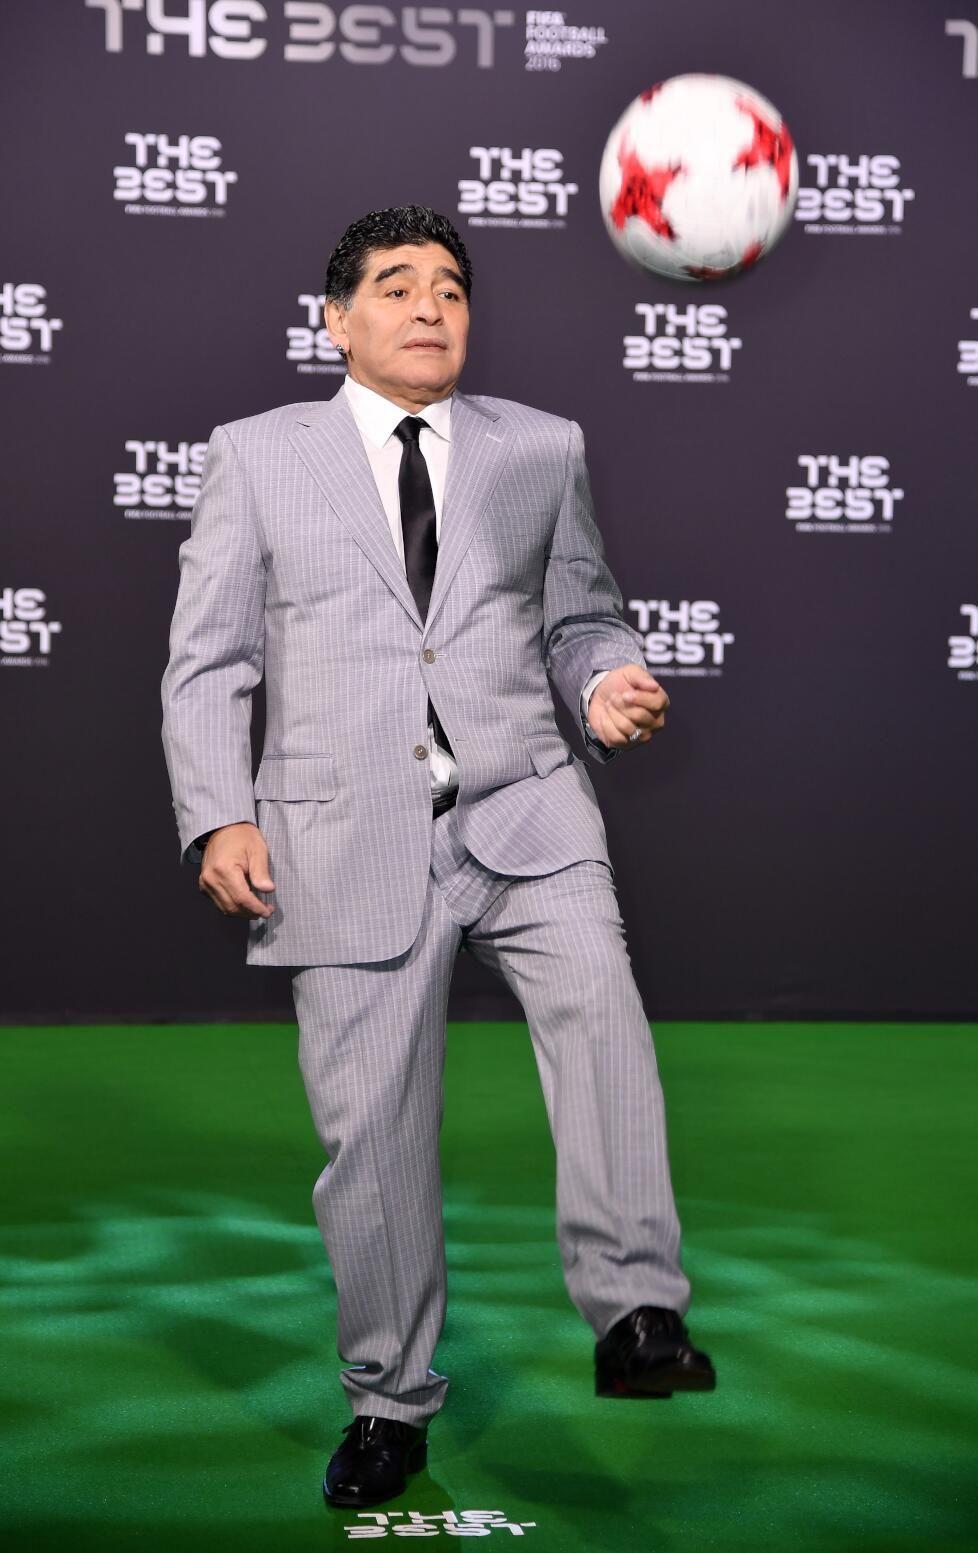 Maradona'nın unutulmaz sözleri: Stres sabah 6'da kalkanlar içindir - Sayfa 2